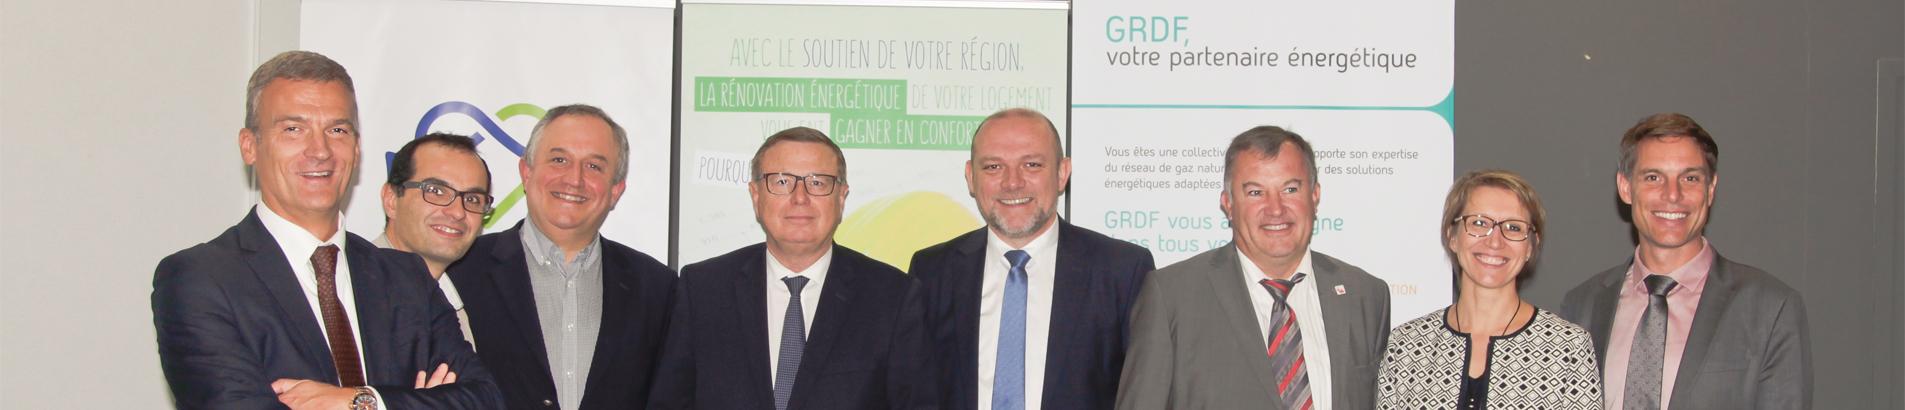 Convention GRDF service public de l'efficacité énergétique